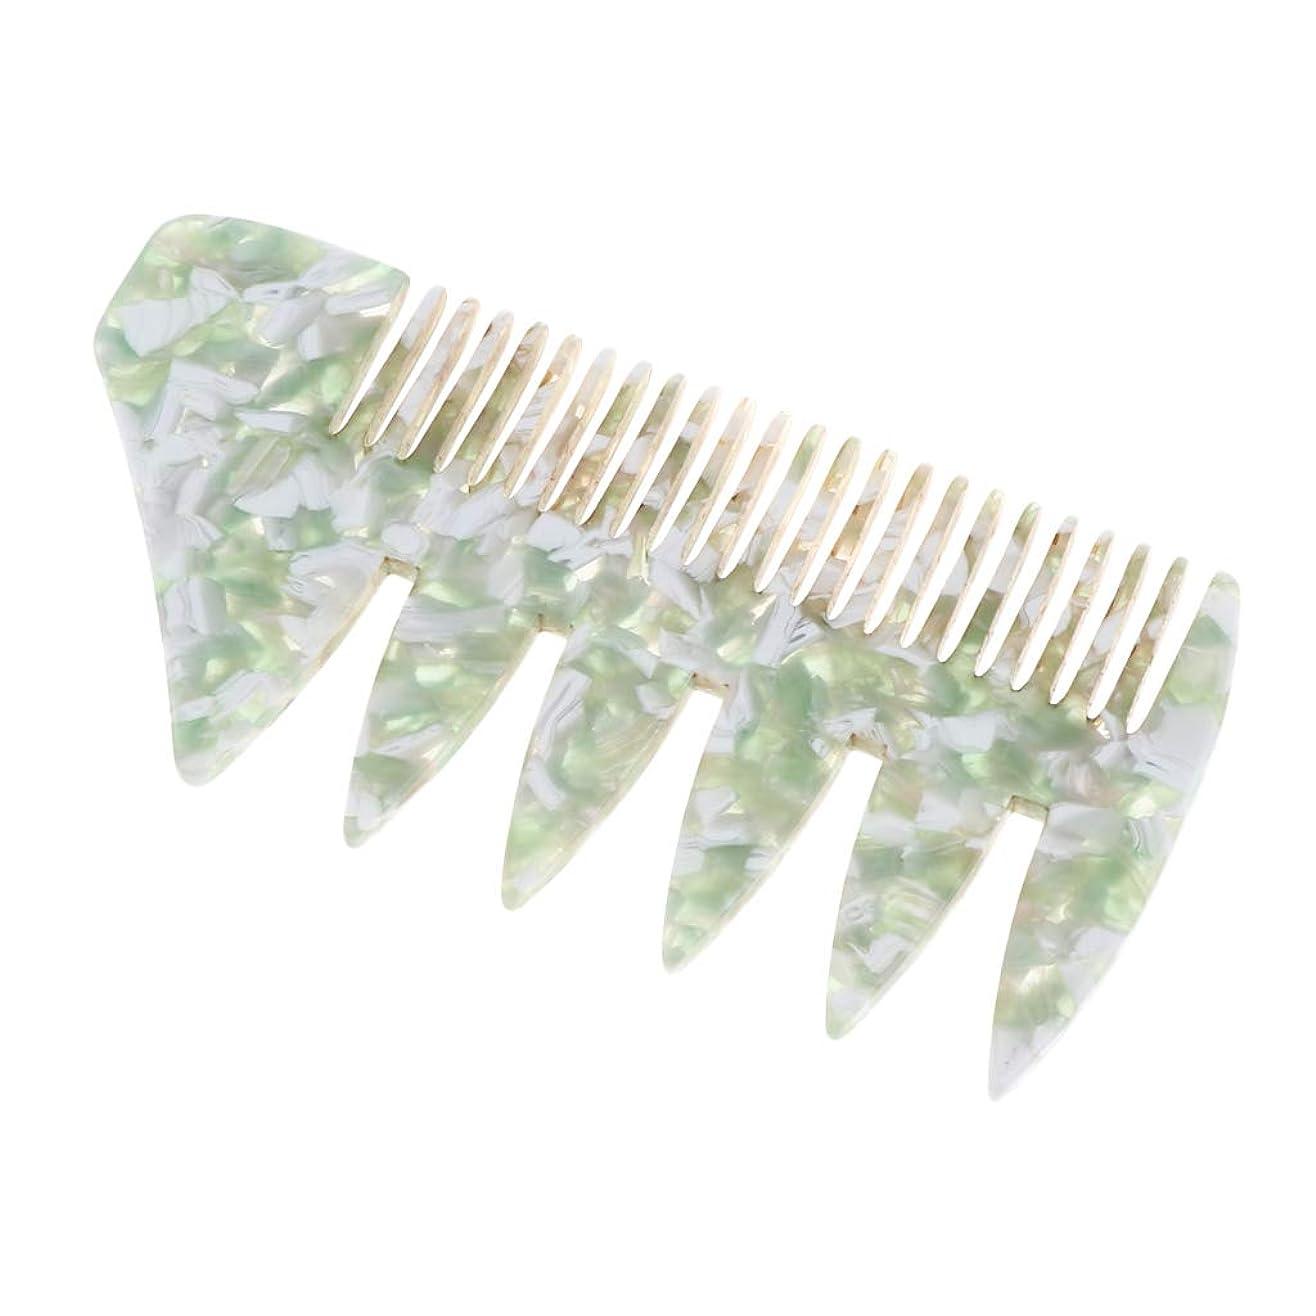 ふくろうクマノミ賢いプラスチック 広い歯 ヘアスタイリング櫛 くし 全4色 - 緑